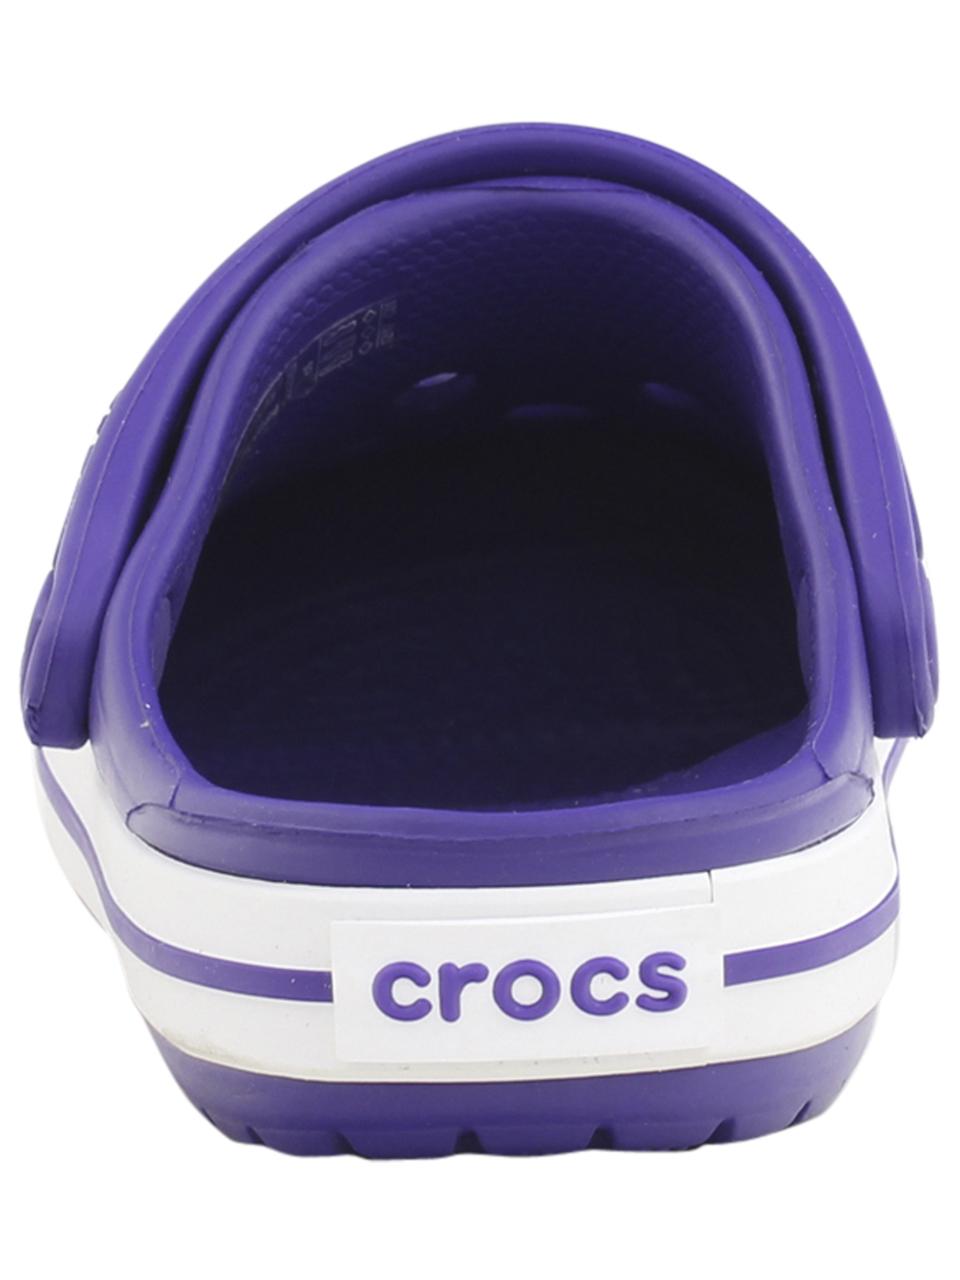 Crocs-Little-Kid-039-s-Crocband-Clogs-Sandals-Shoes thumbnail 18